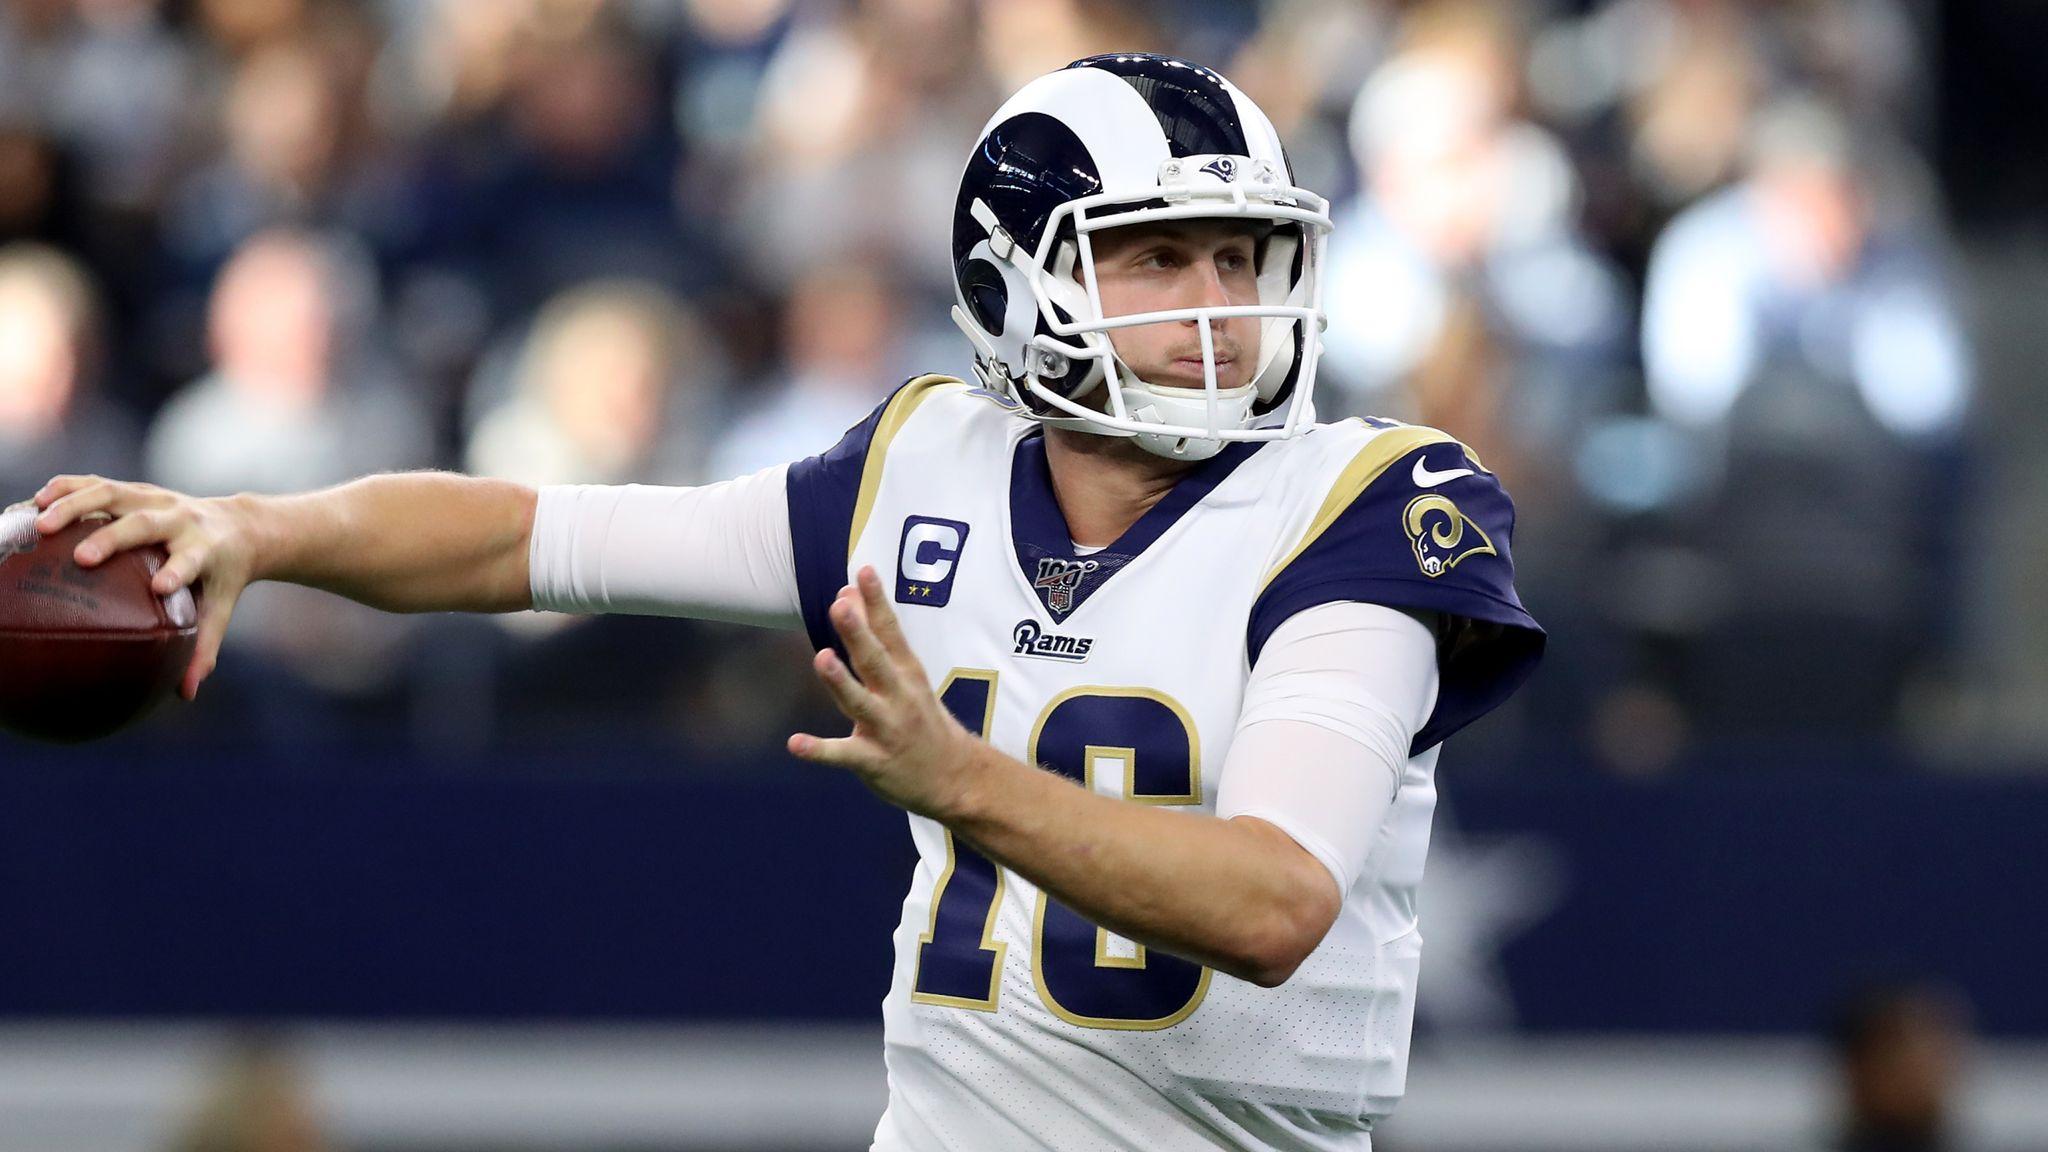 Los Angeles Rams 21-44 Dallas Cowboys: Ezekiel Elliott runs in two scores in convincing Cowboys win